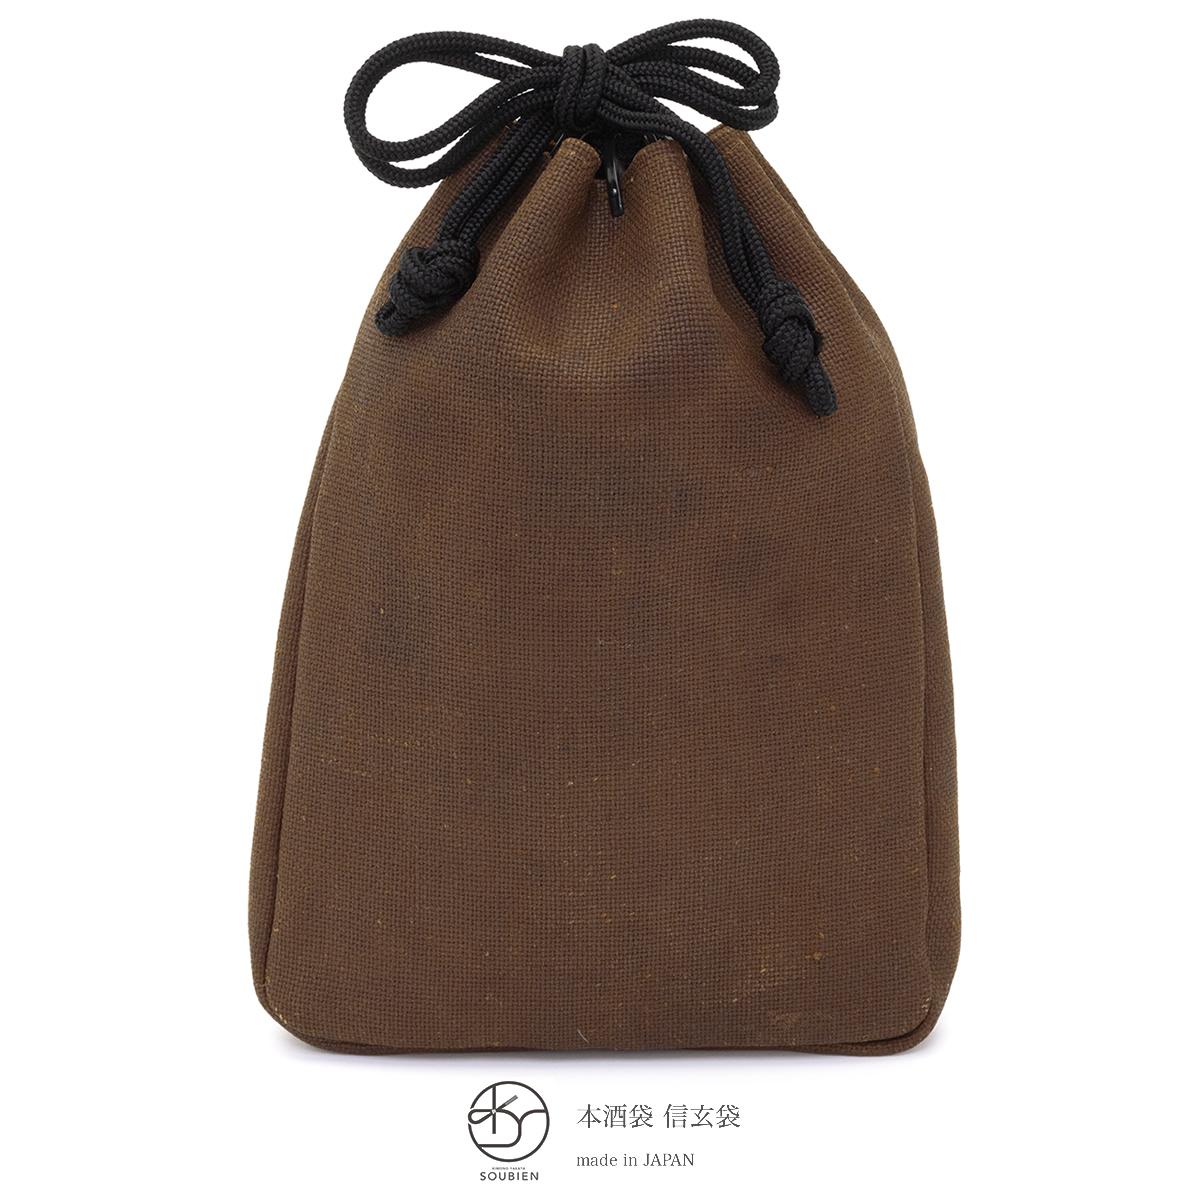 信玄袋  焦茶色 ブラウン マチ付 本酒袋 オールシーズン 日本製 巾着  きんちゃくバッグ タバコ入れ メンズ 男物 浴衣向け 着物向け 【送料無料】【あす楽対応】